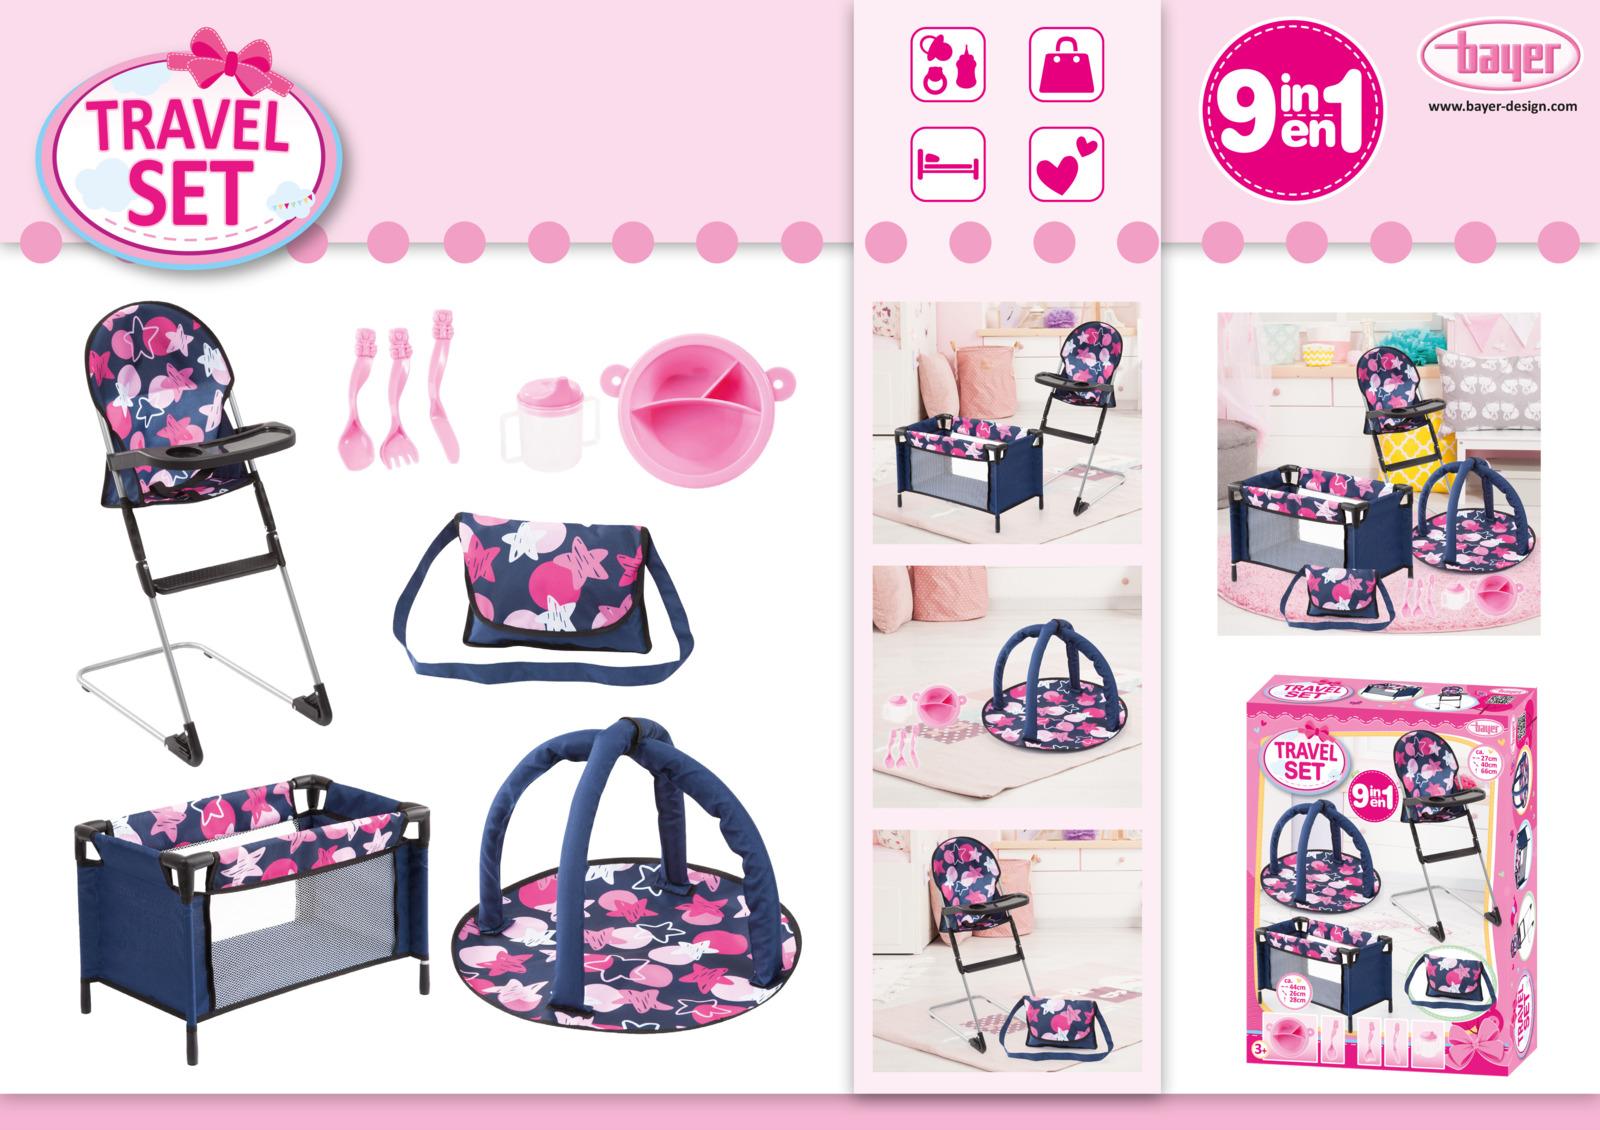 Набор для кукол Bayer Design, цвет: синий, 9 предметов коляска для кукол bayer design тренди цвет серый розовый